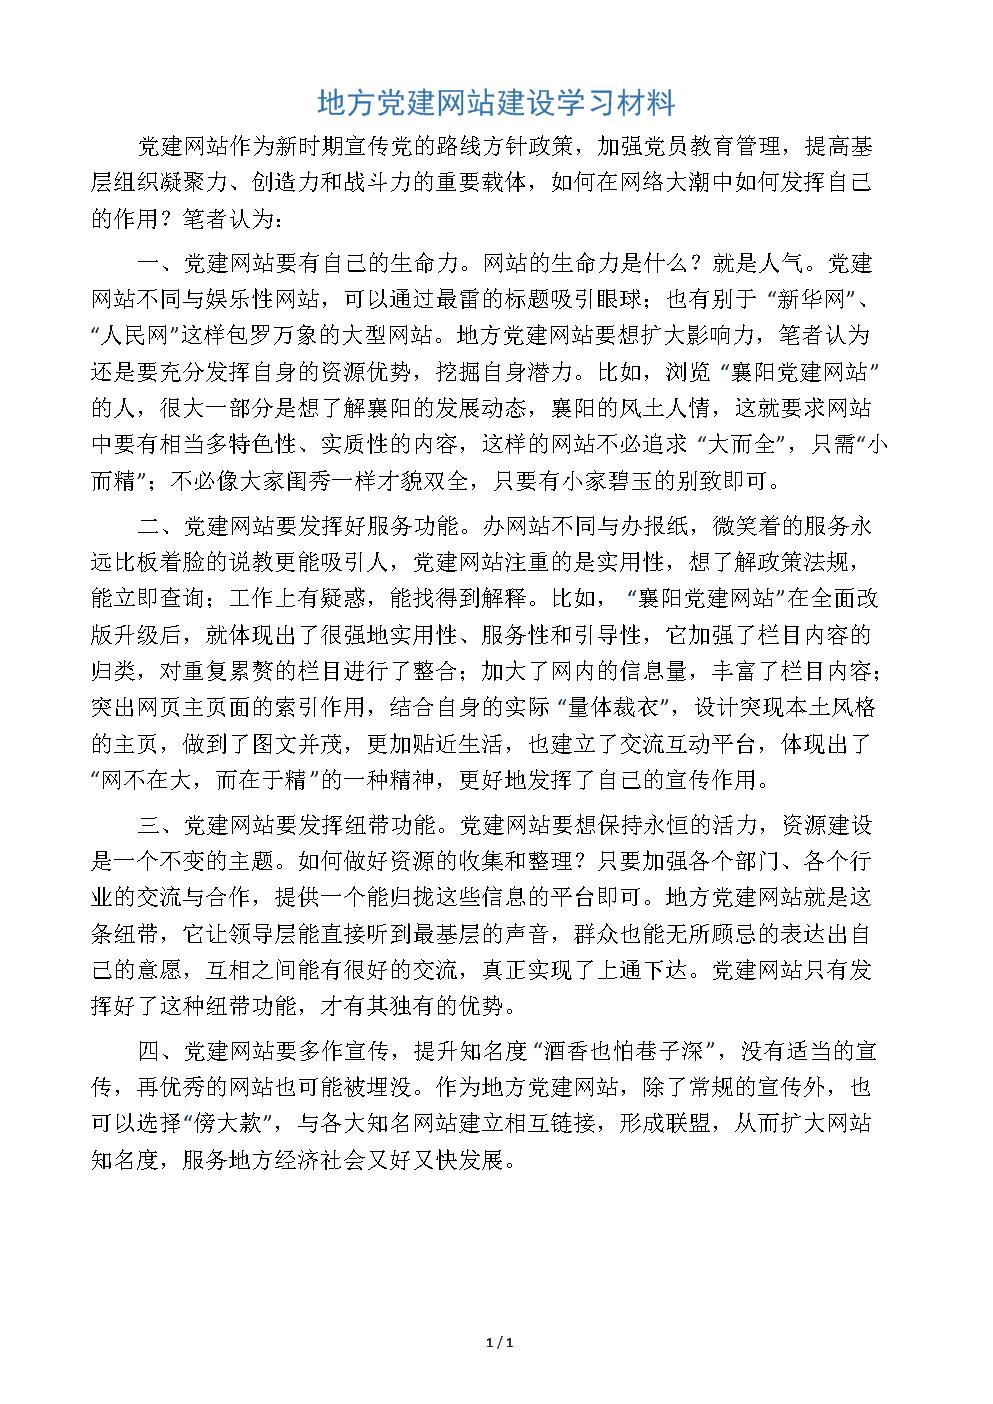 地方党建网站建设学习材料.docx